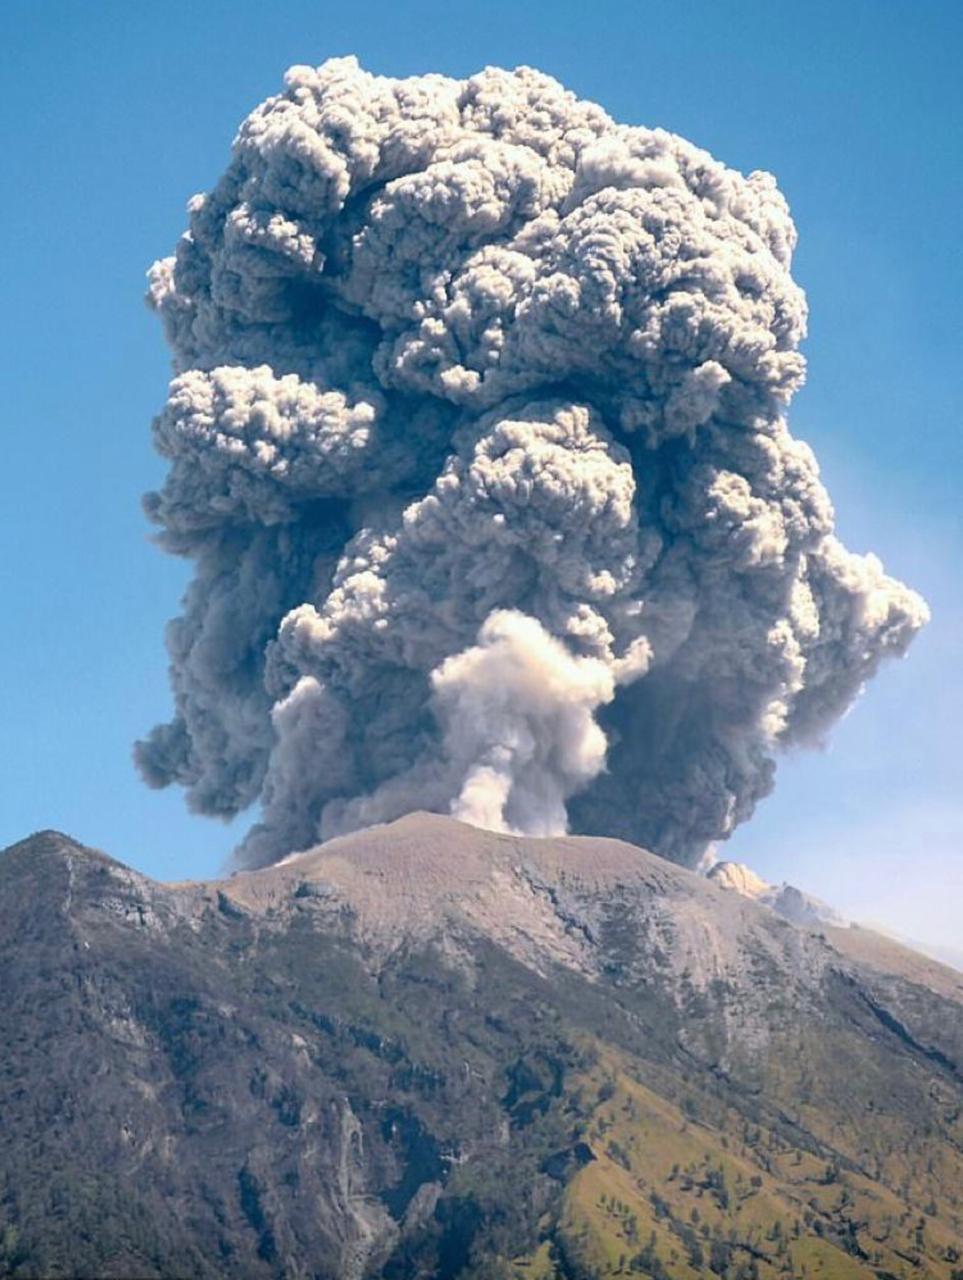 سحابة رمادية لبركان جبل أجونج فى إندونيسيا تهدد الرحلات الجوية